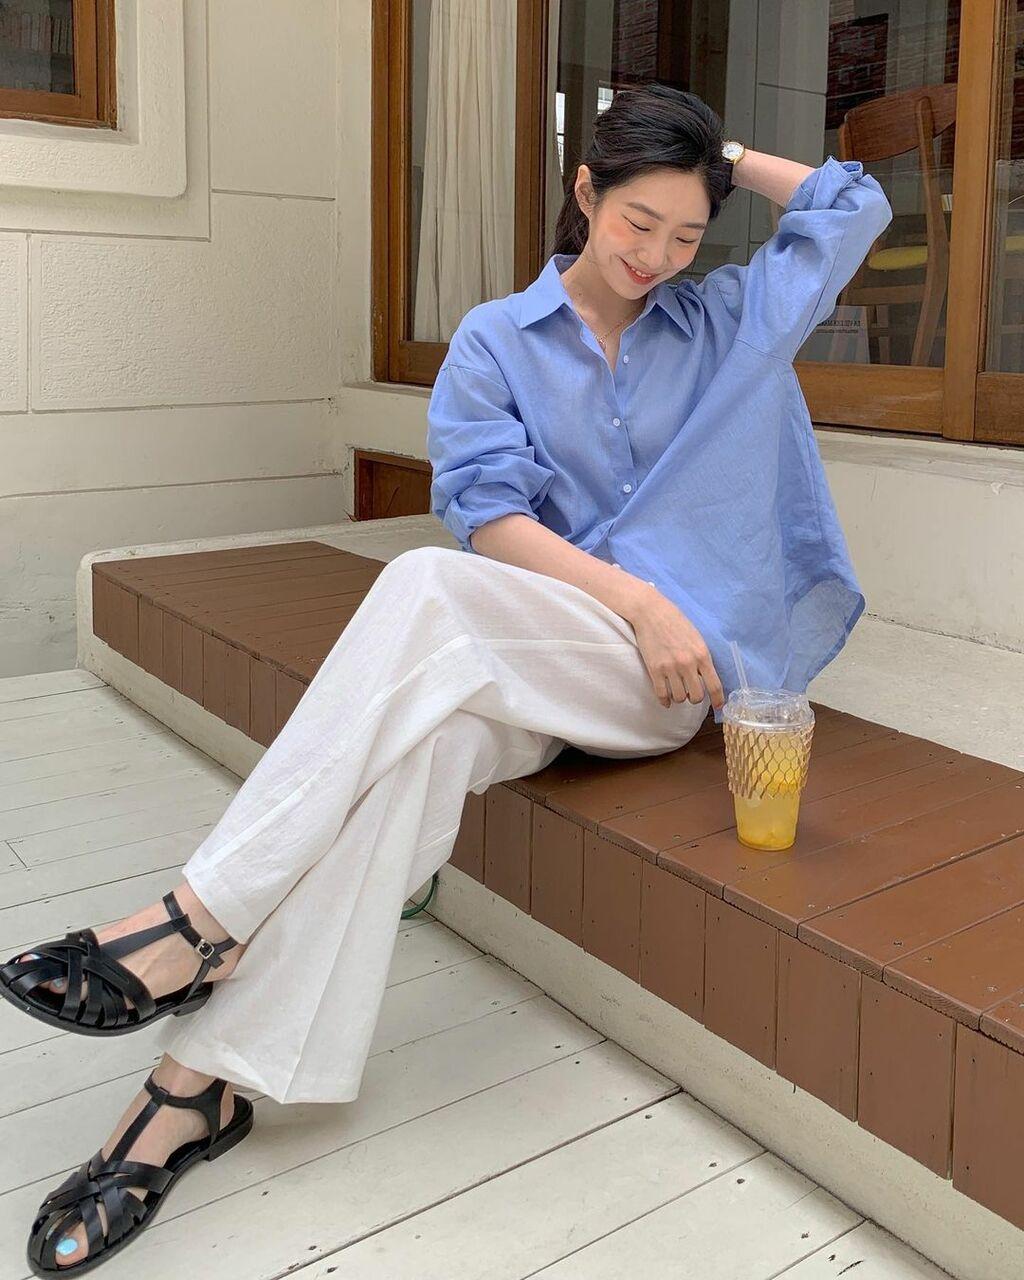 Cần sắm nhất lúc này là 5 items công sở nhẹ mát, giúp bạn giữ phong độ mặc đẹp trong cả ngày hè nóng nhất